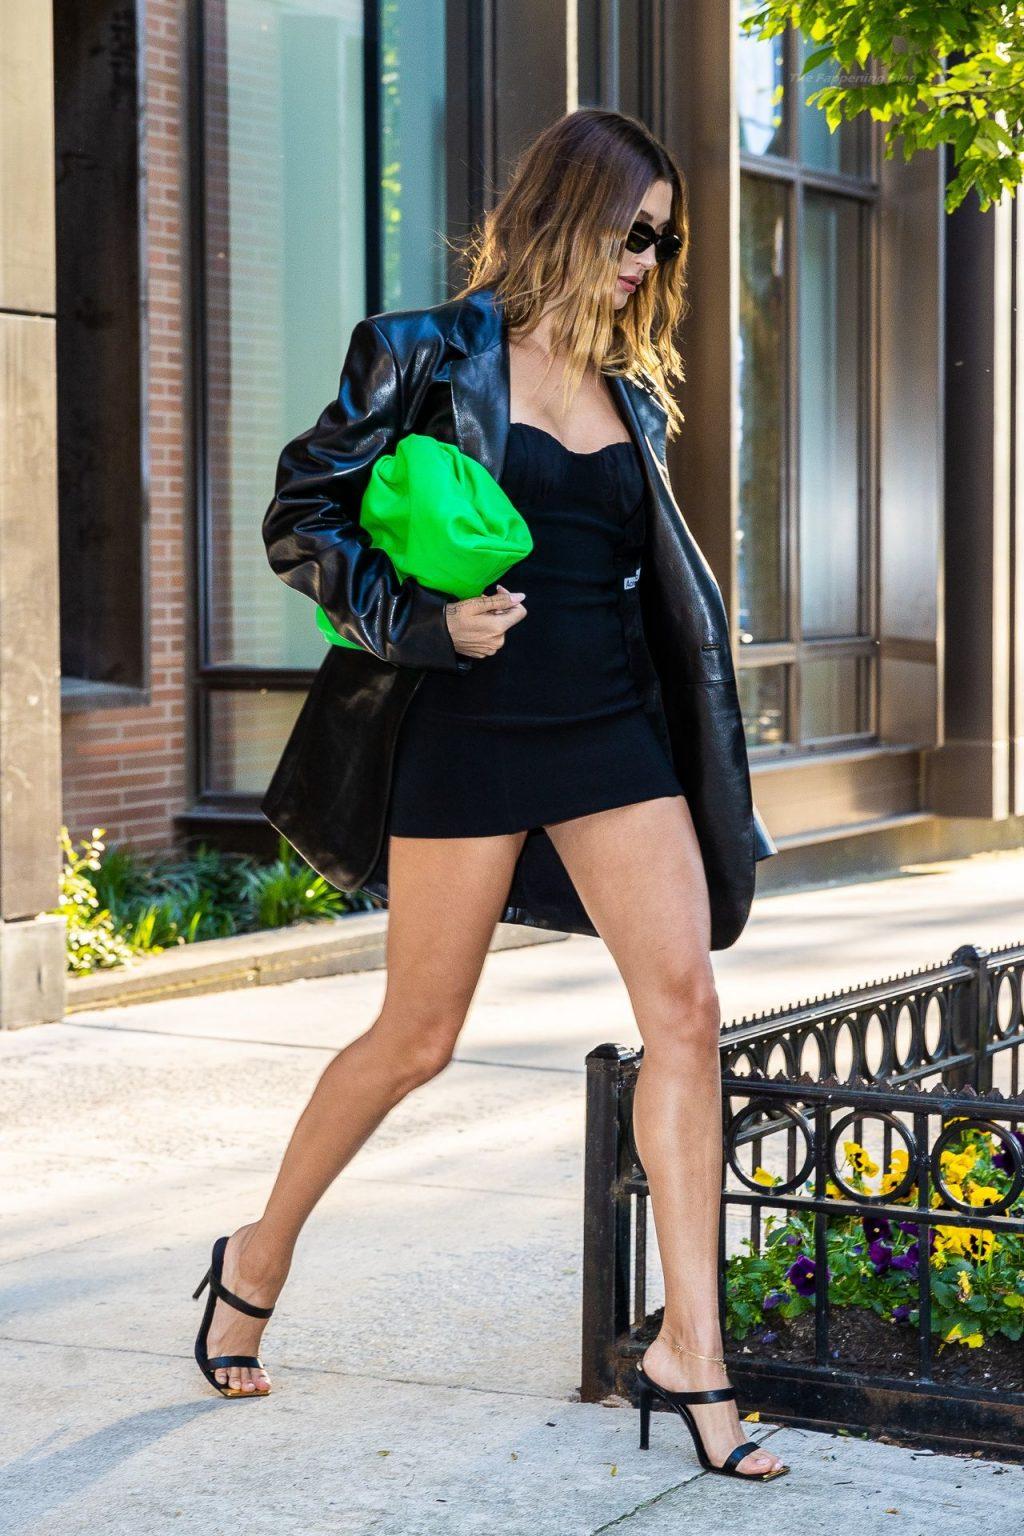 Hailey Bieber is Seen Wearing a Little Black Dress (23 Photos)